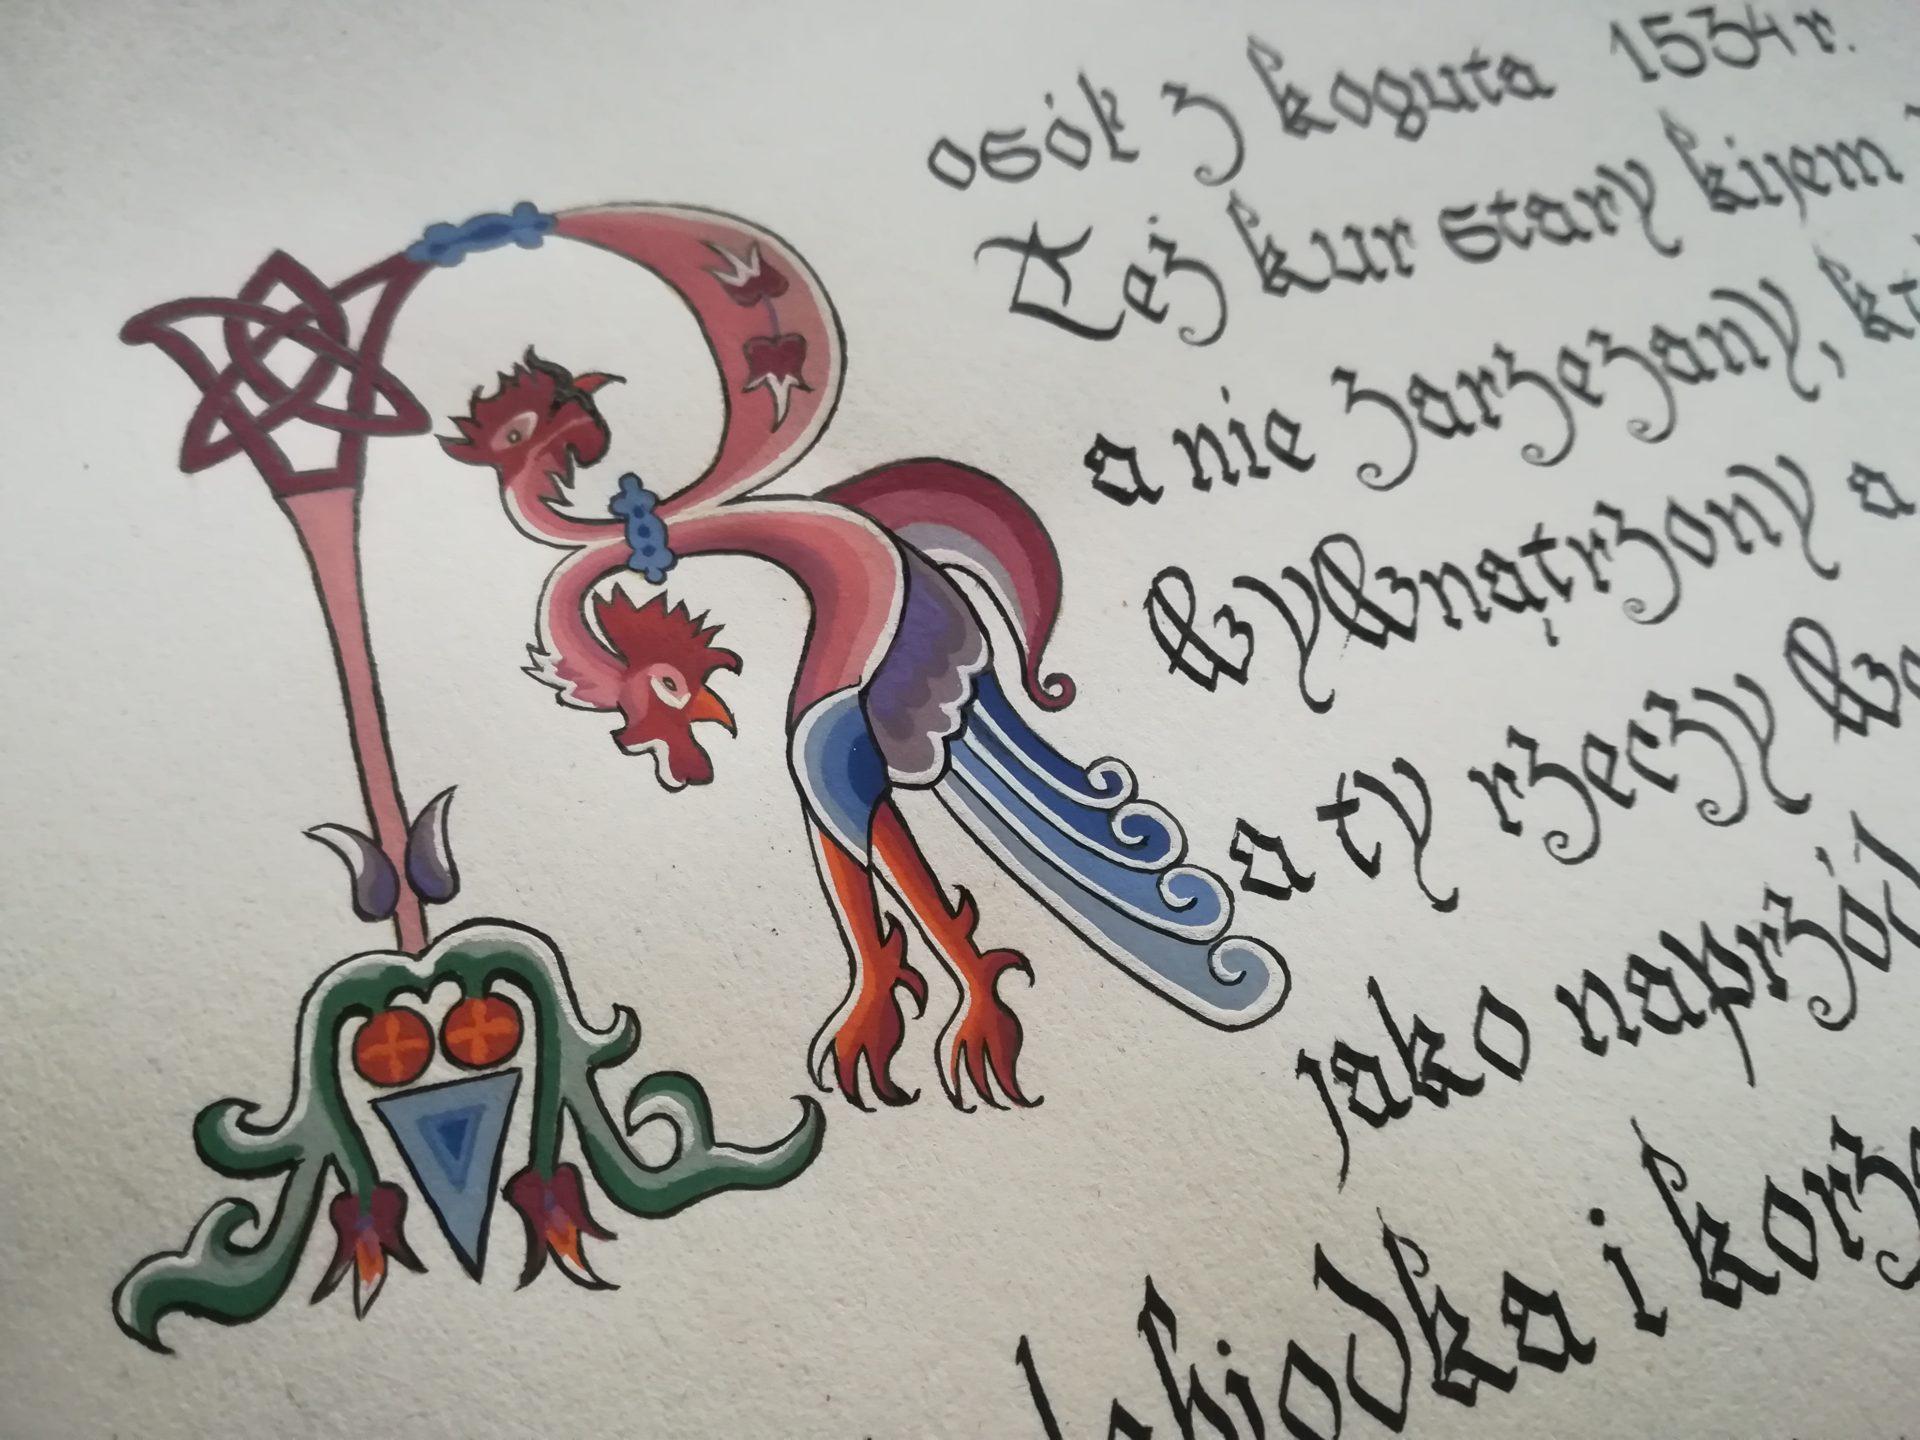 Domowy szafran (Rosół z koguta), 1534 r.